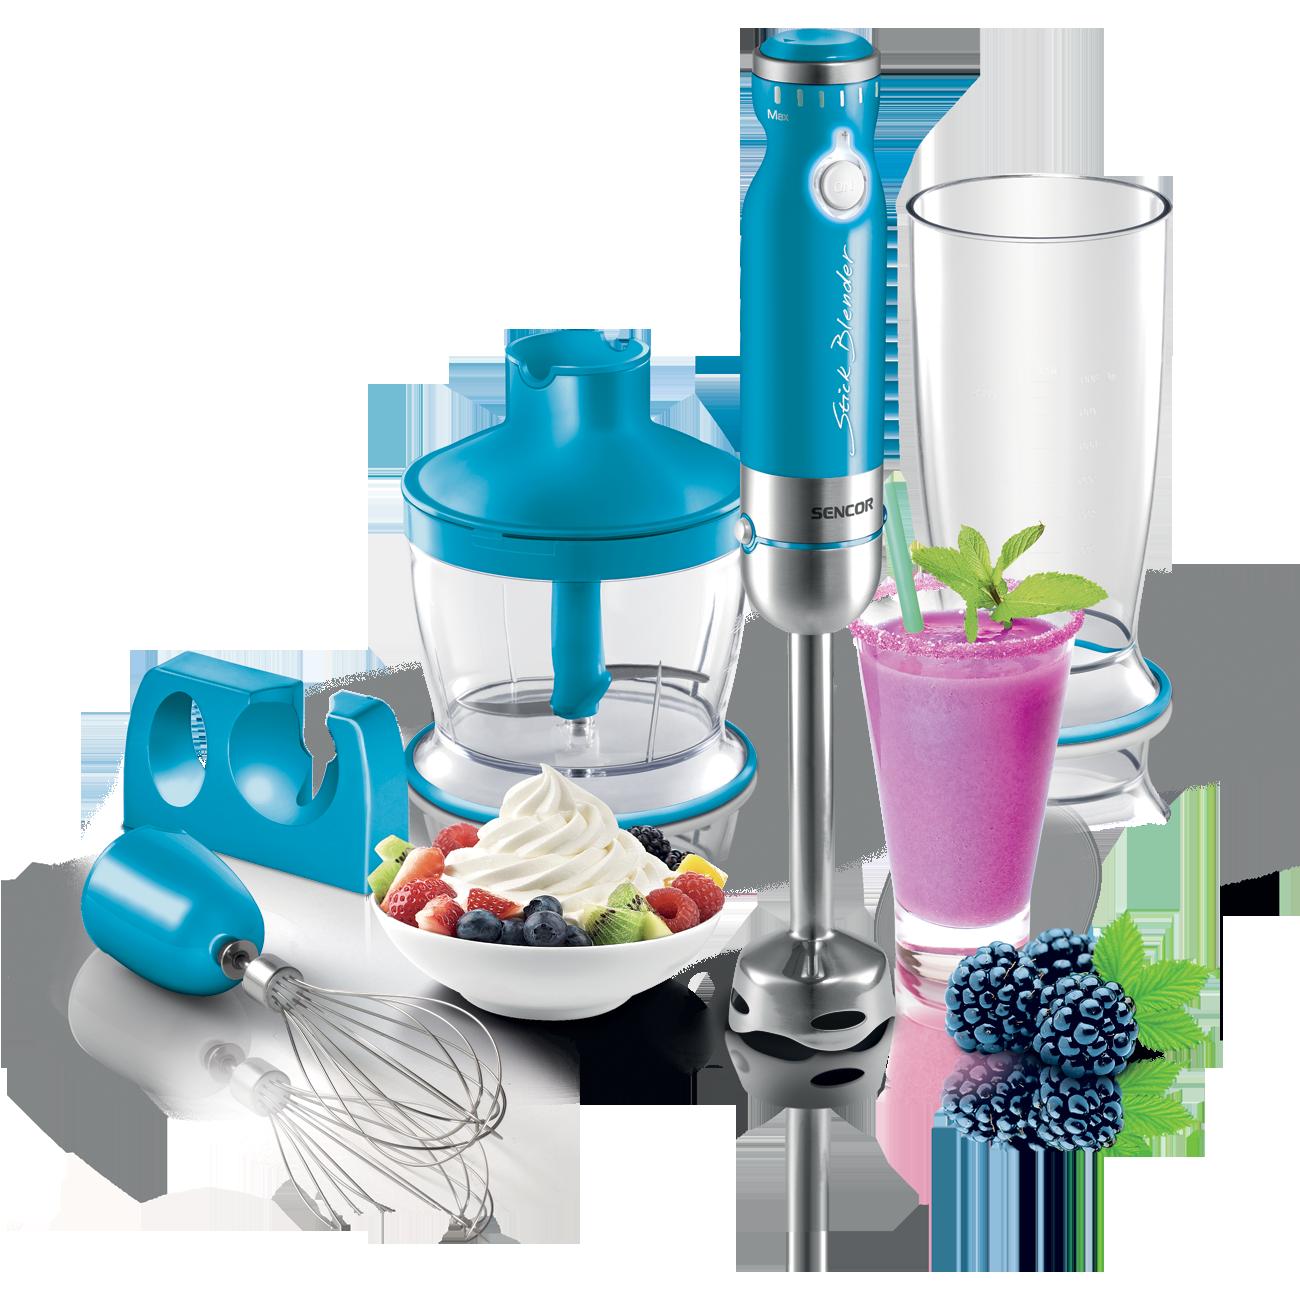 Mixeur plongeant turquoise de Sencor